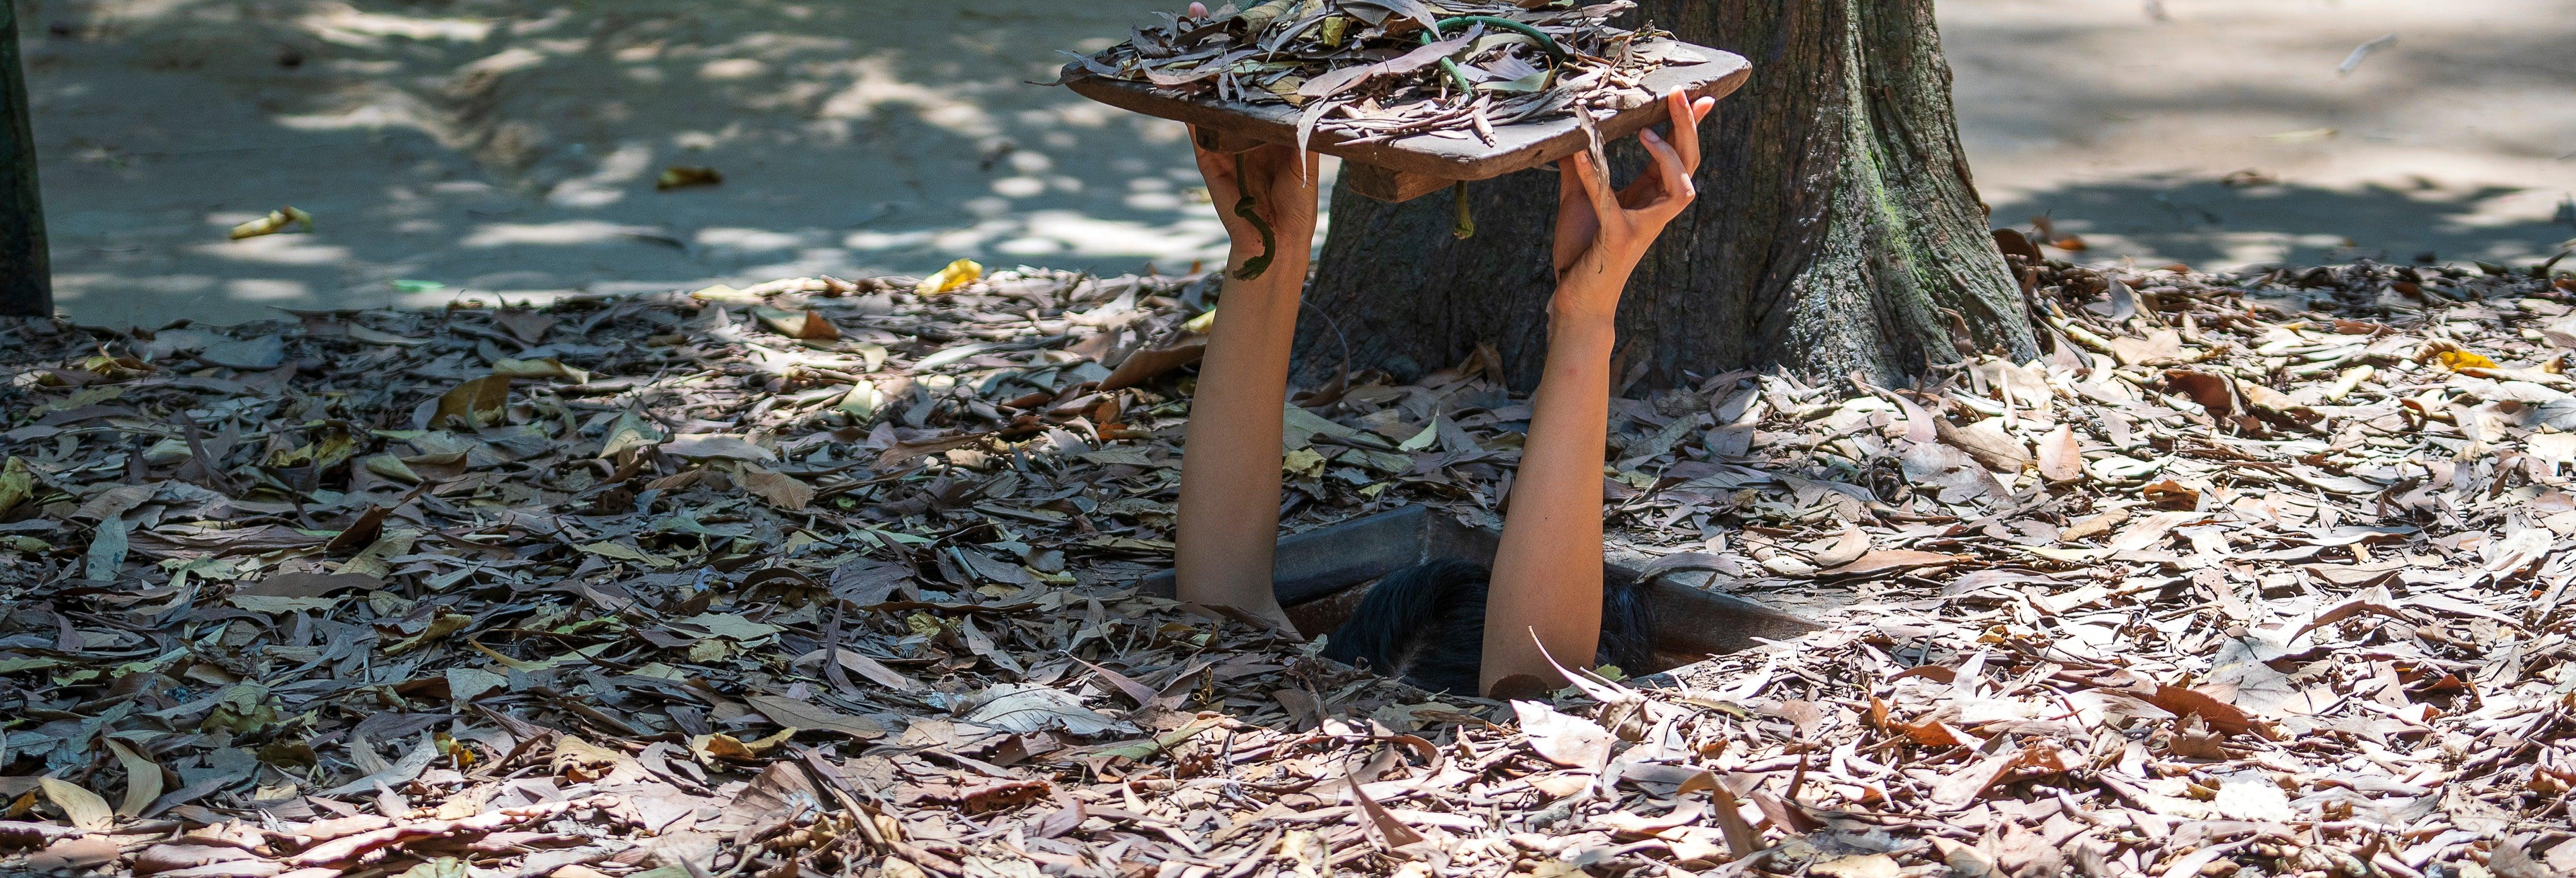 Excursion aux tunnels de Củ Chi + Cours de cuisine